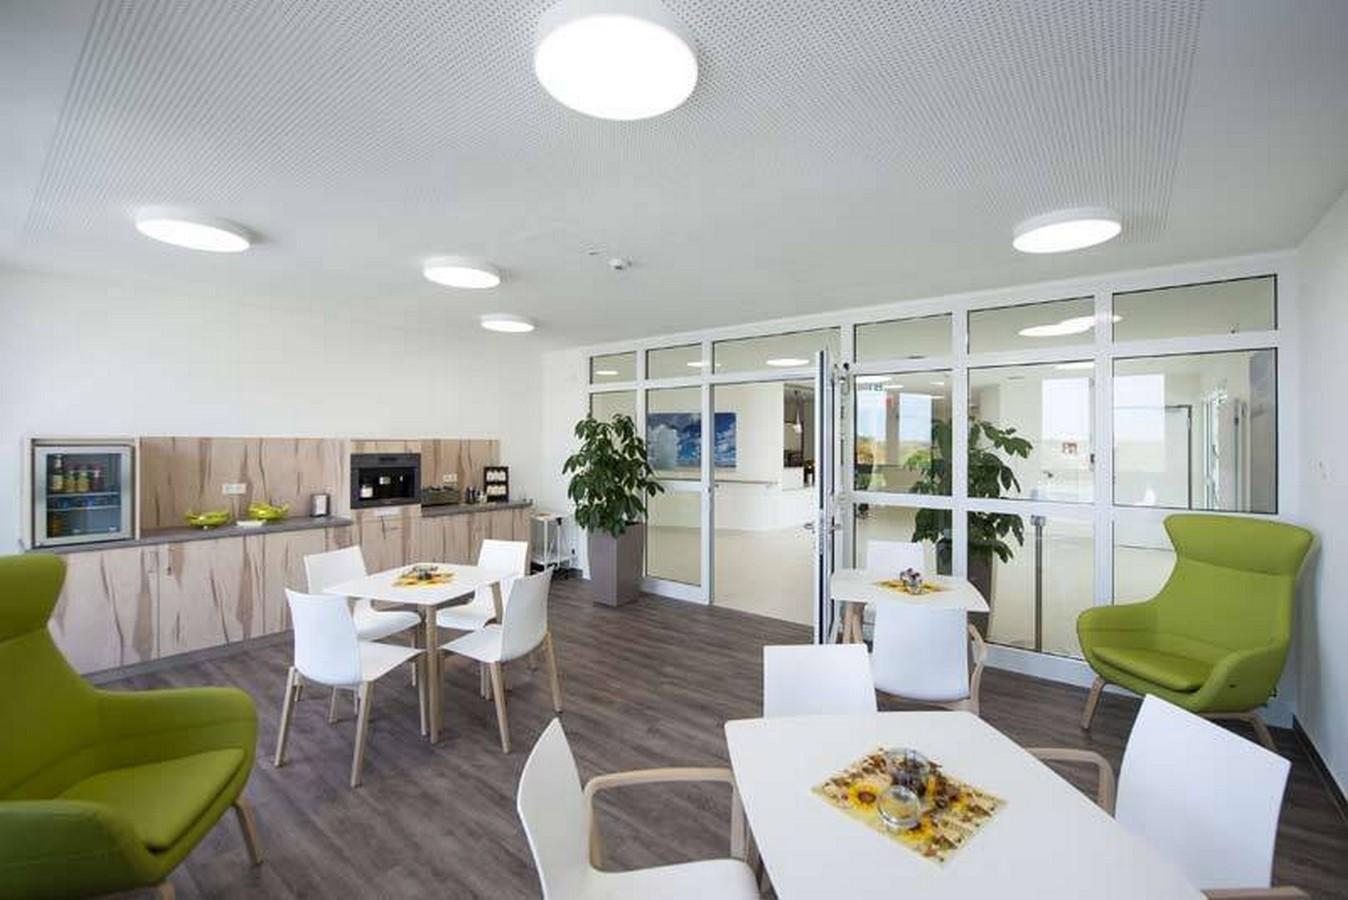 Architects in Hannover - Top 60 Architects in Hannover - Sheet57